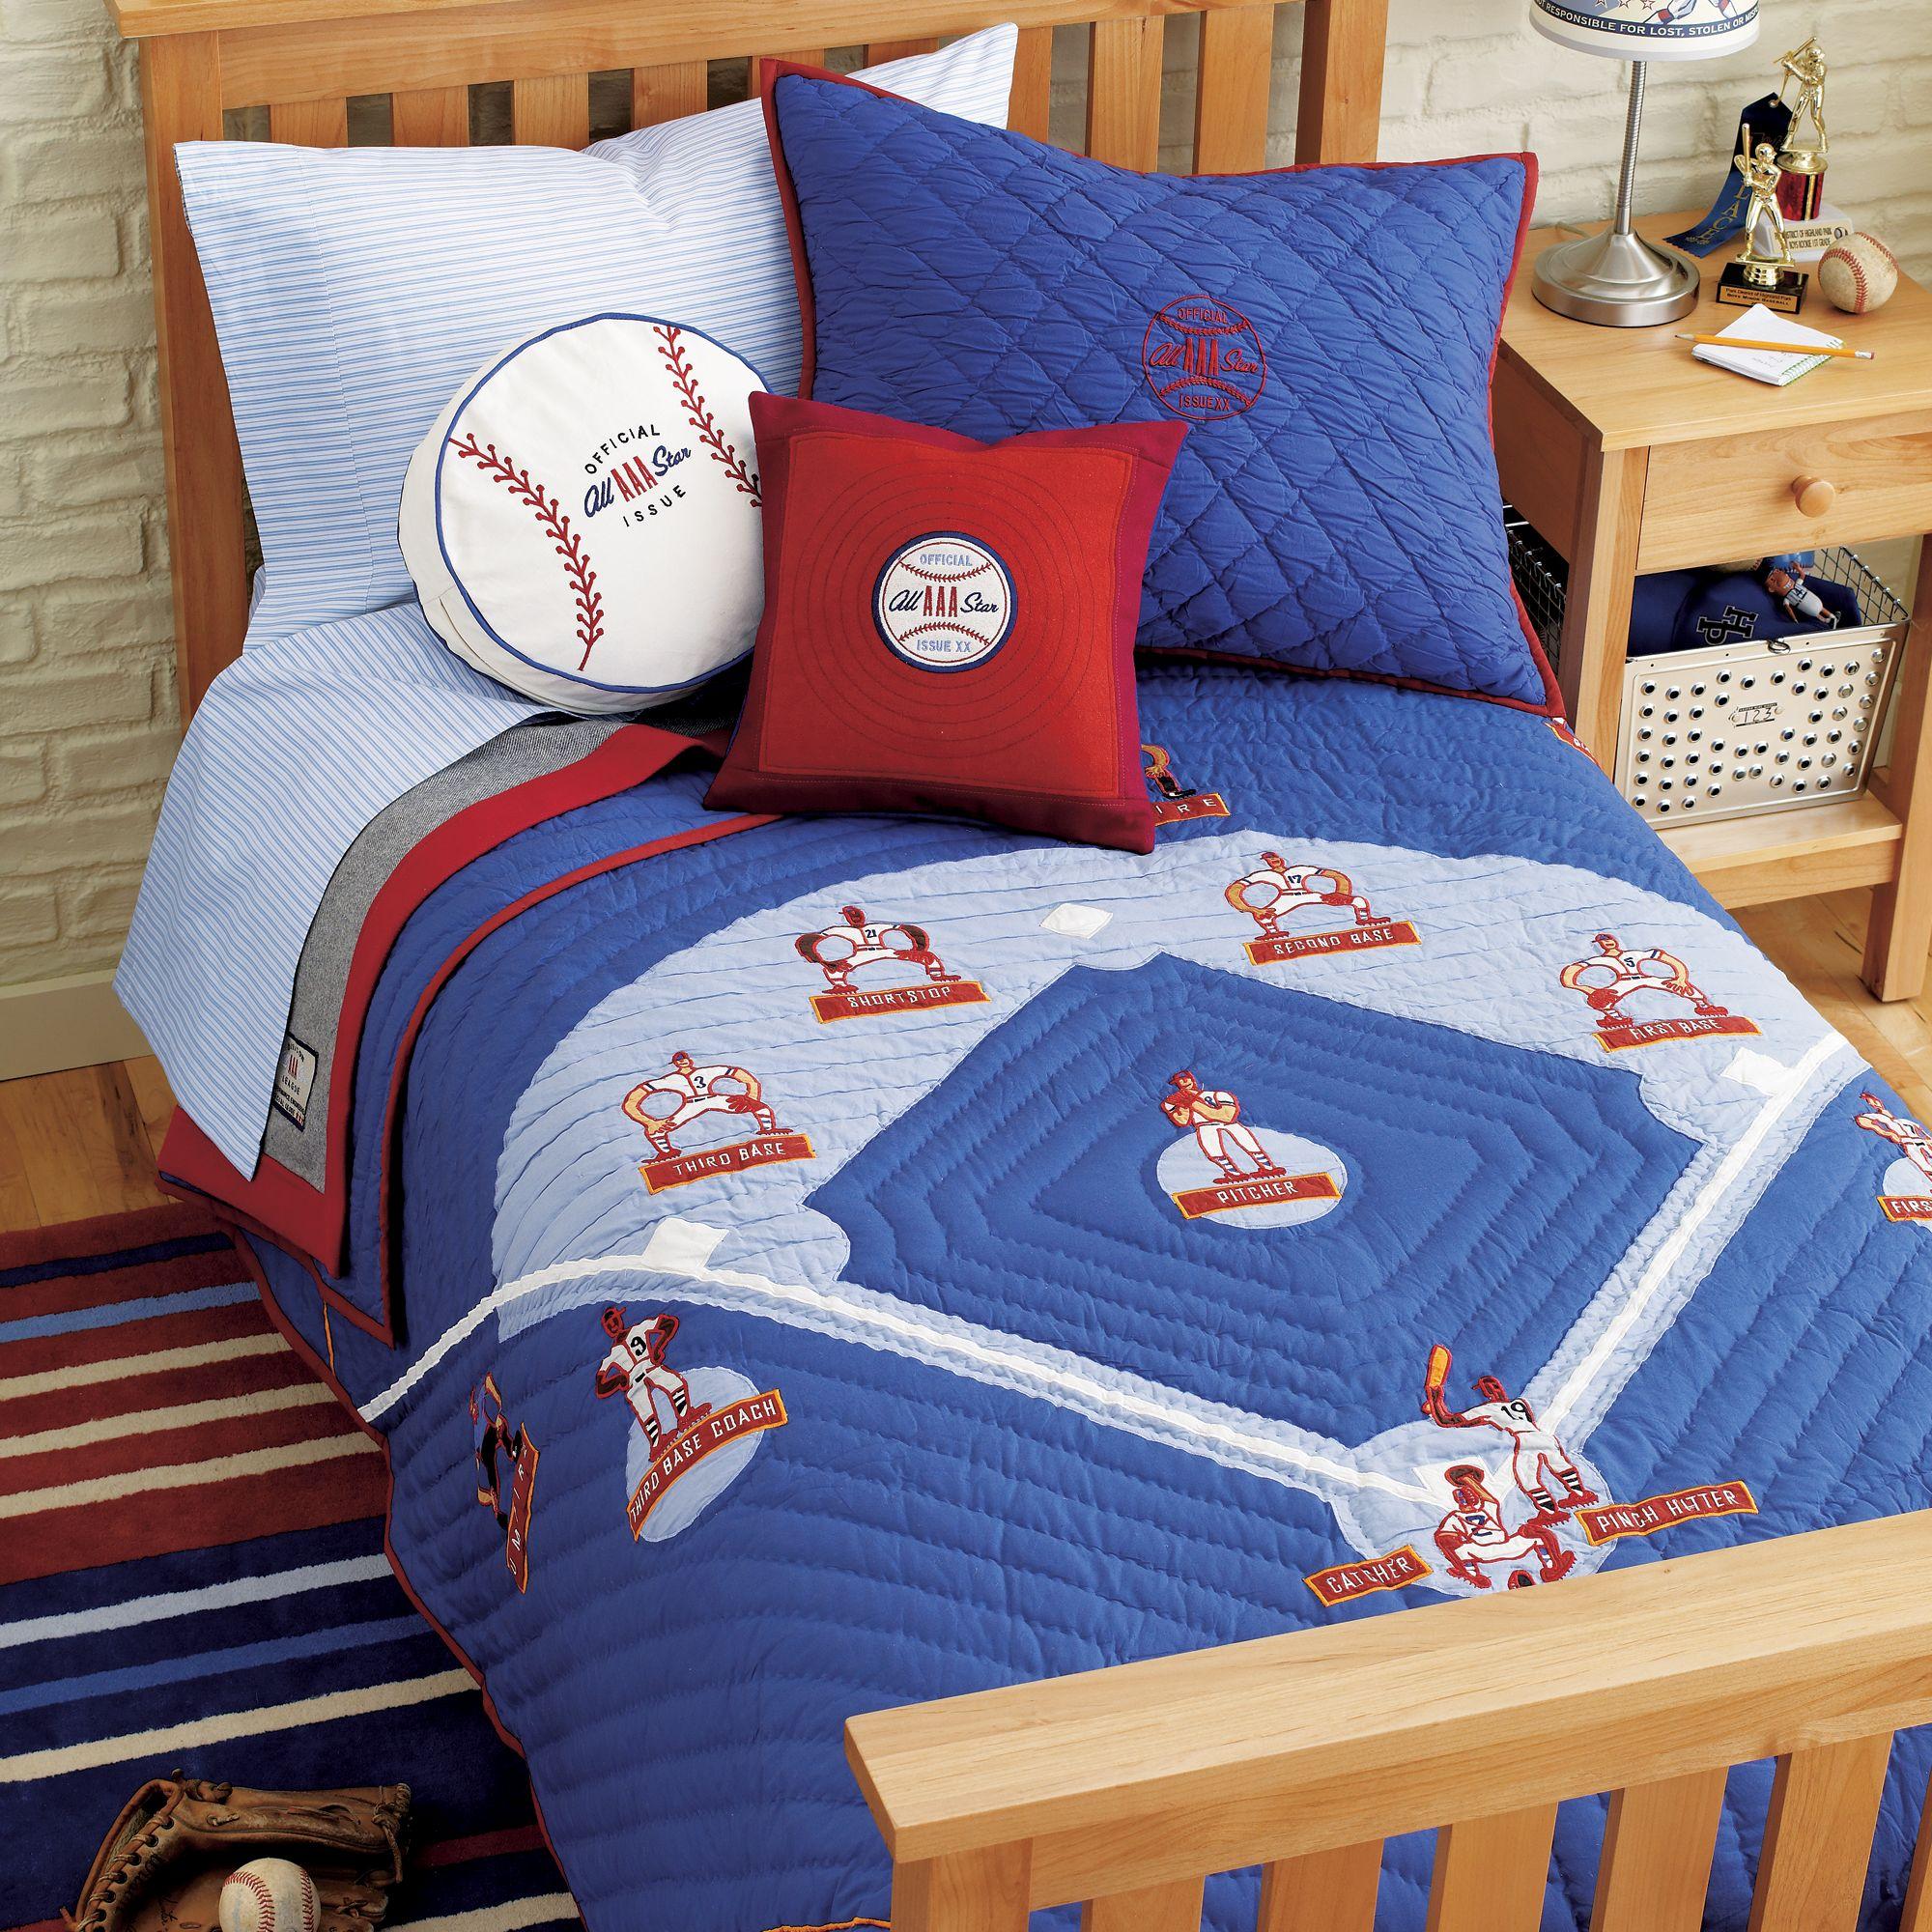 Baseball quilt and bedding for children pinterest for Quilt room design ideas